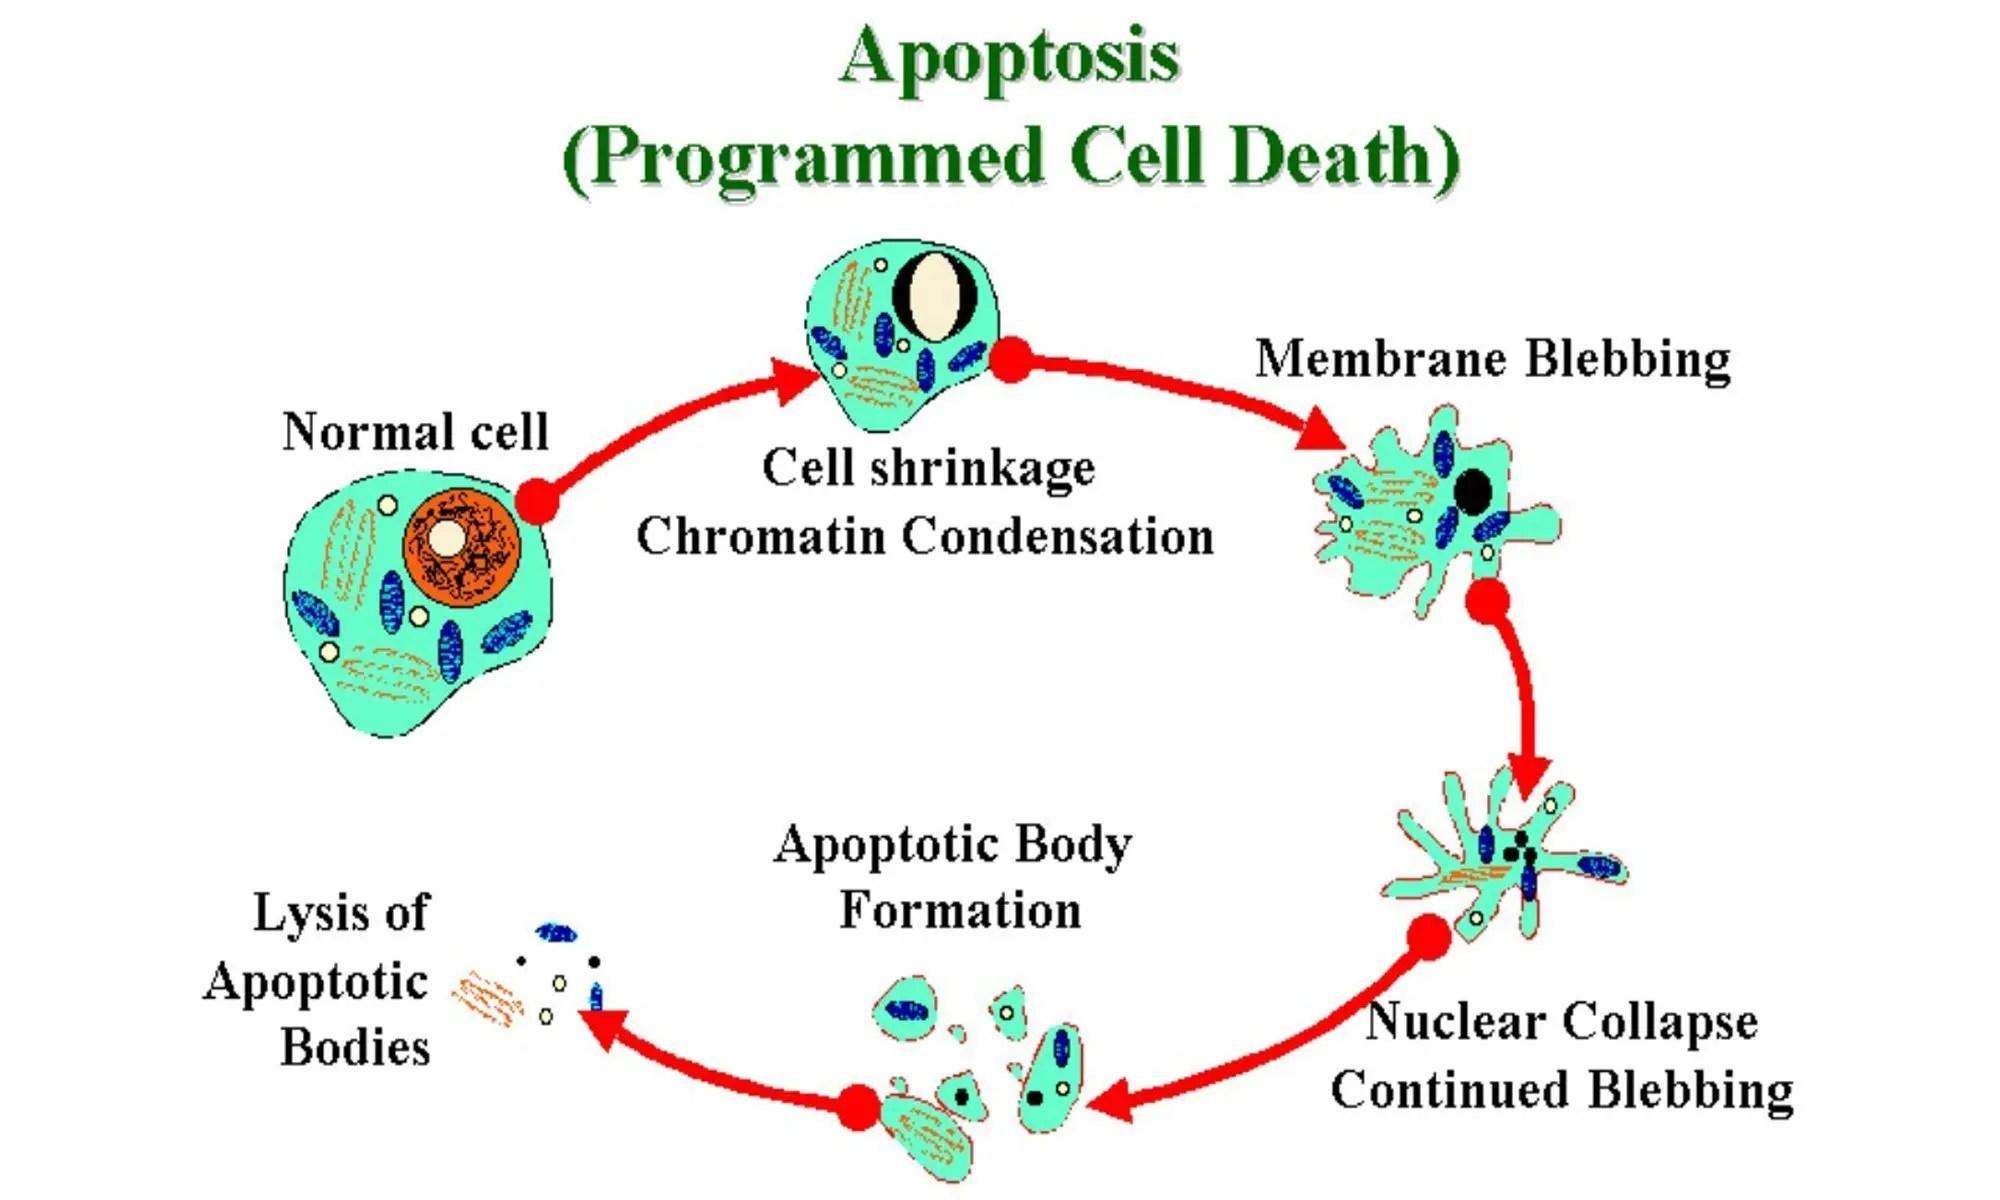 image of apoptosis